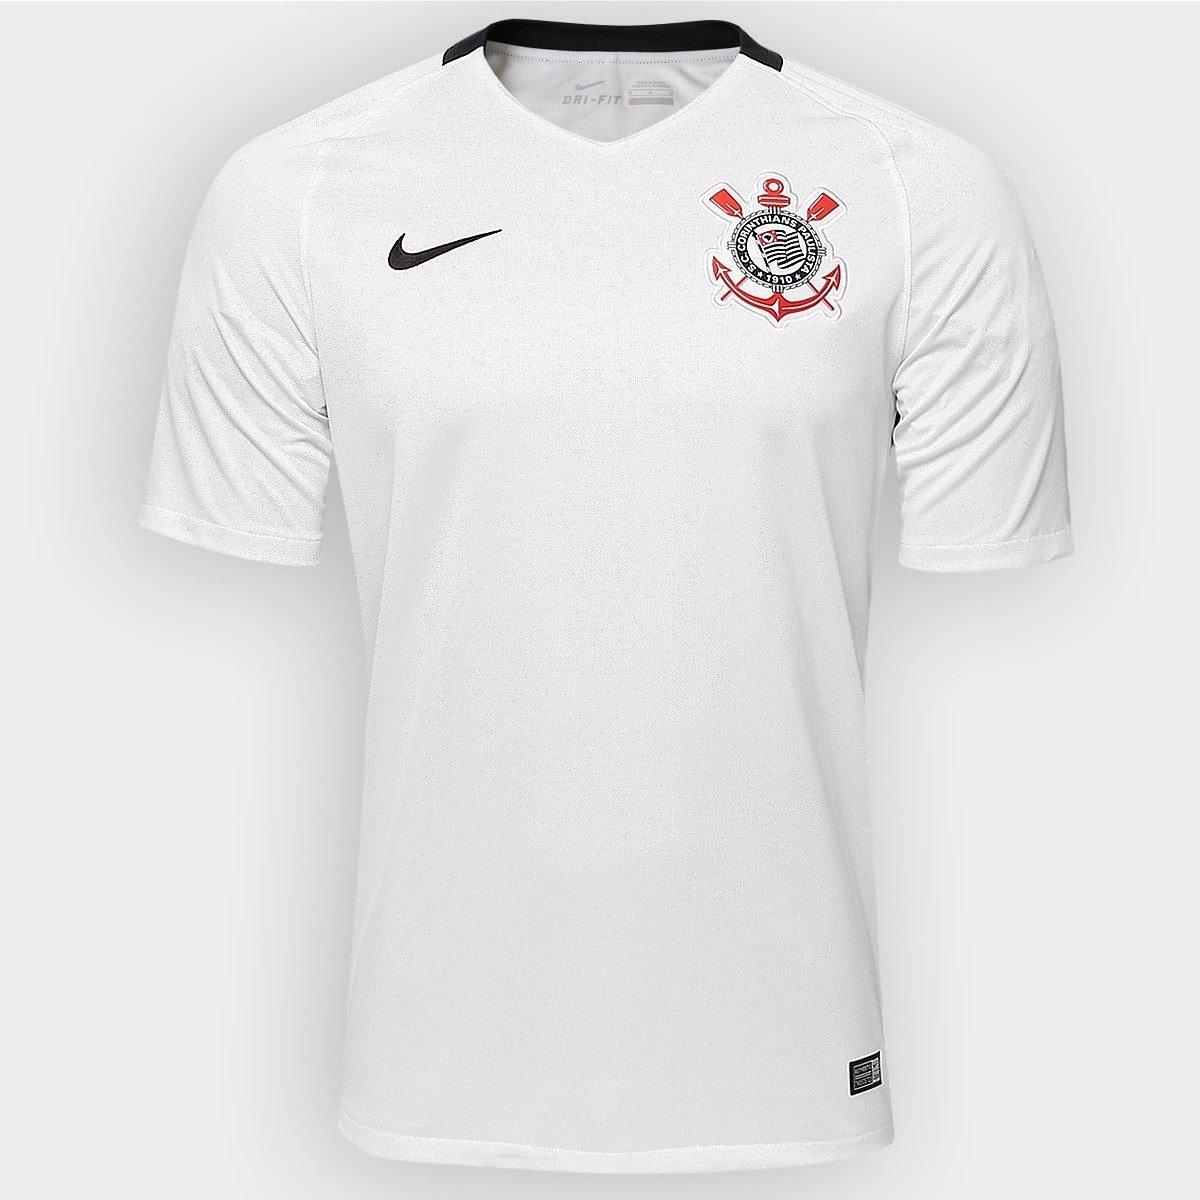 Camisa De Futebol Masculina 2019 Time Europeu Brasileiro - R  88 9144e1e386c0a